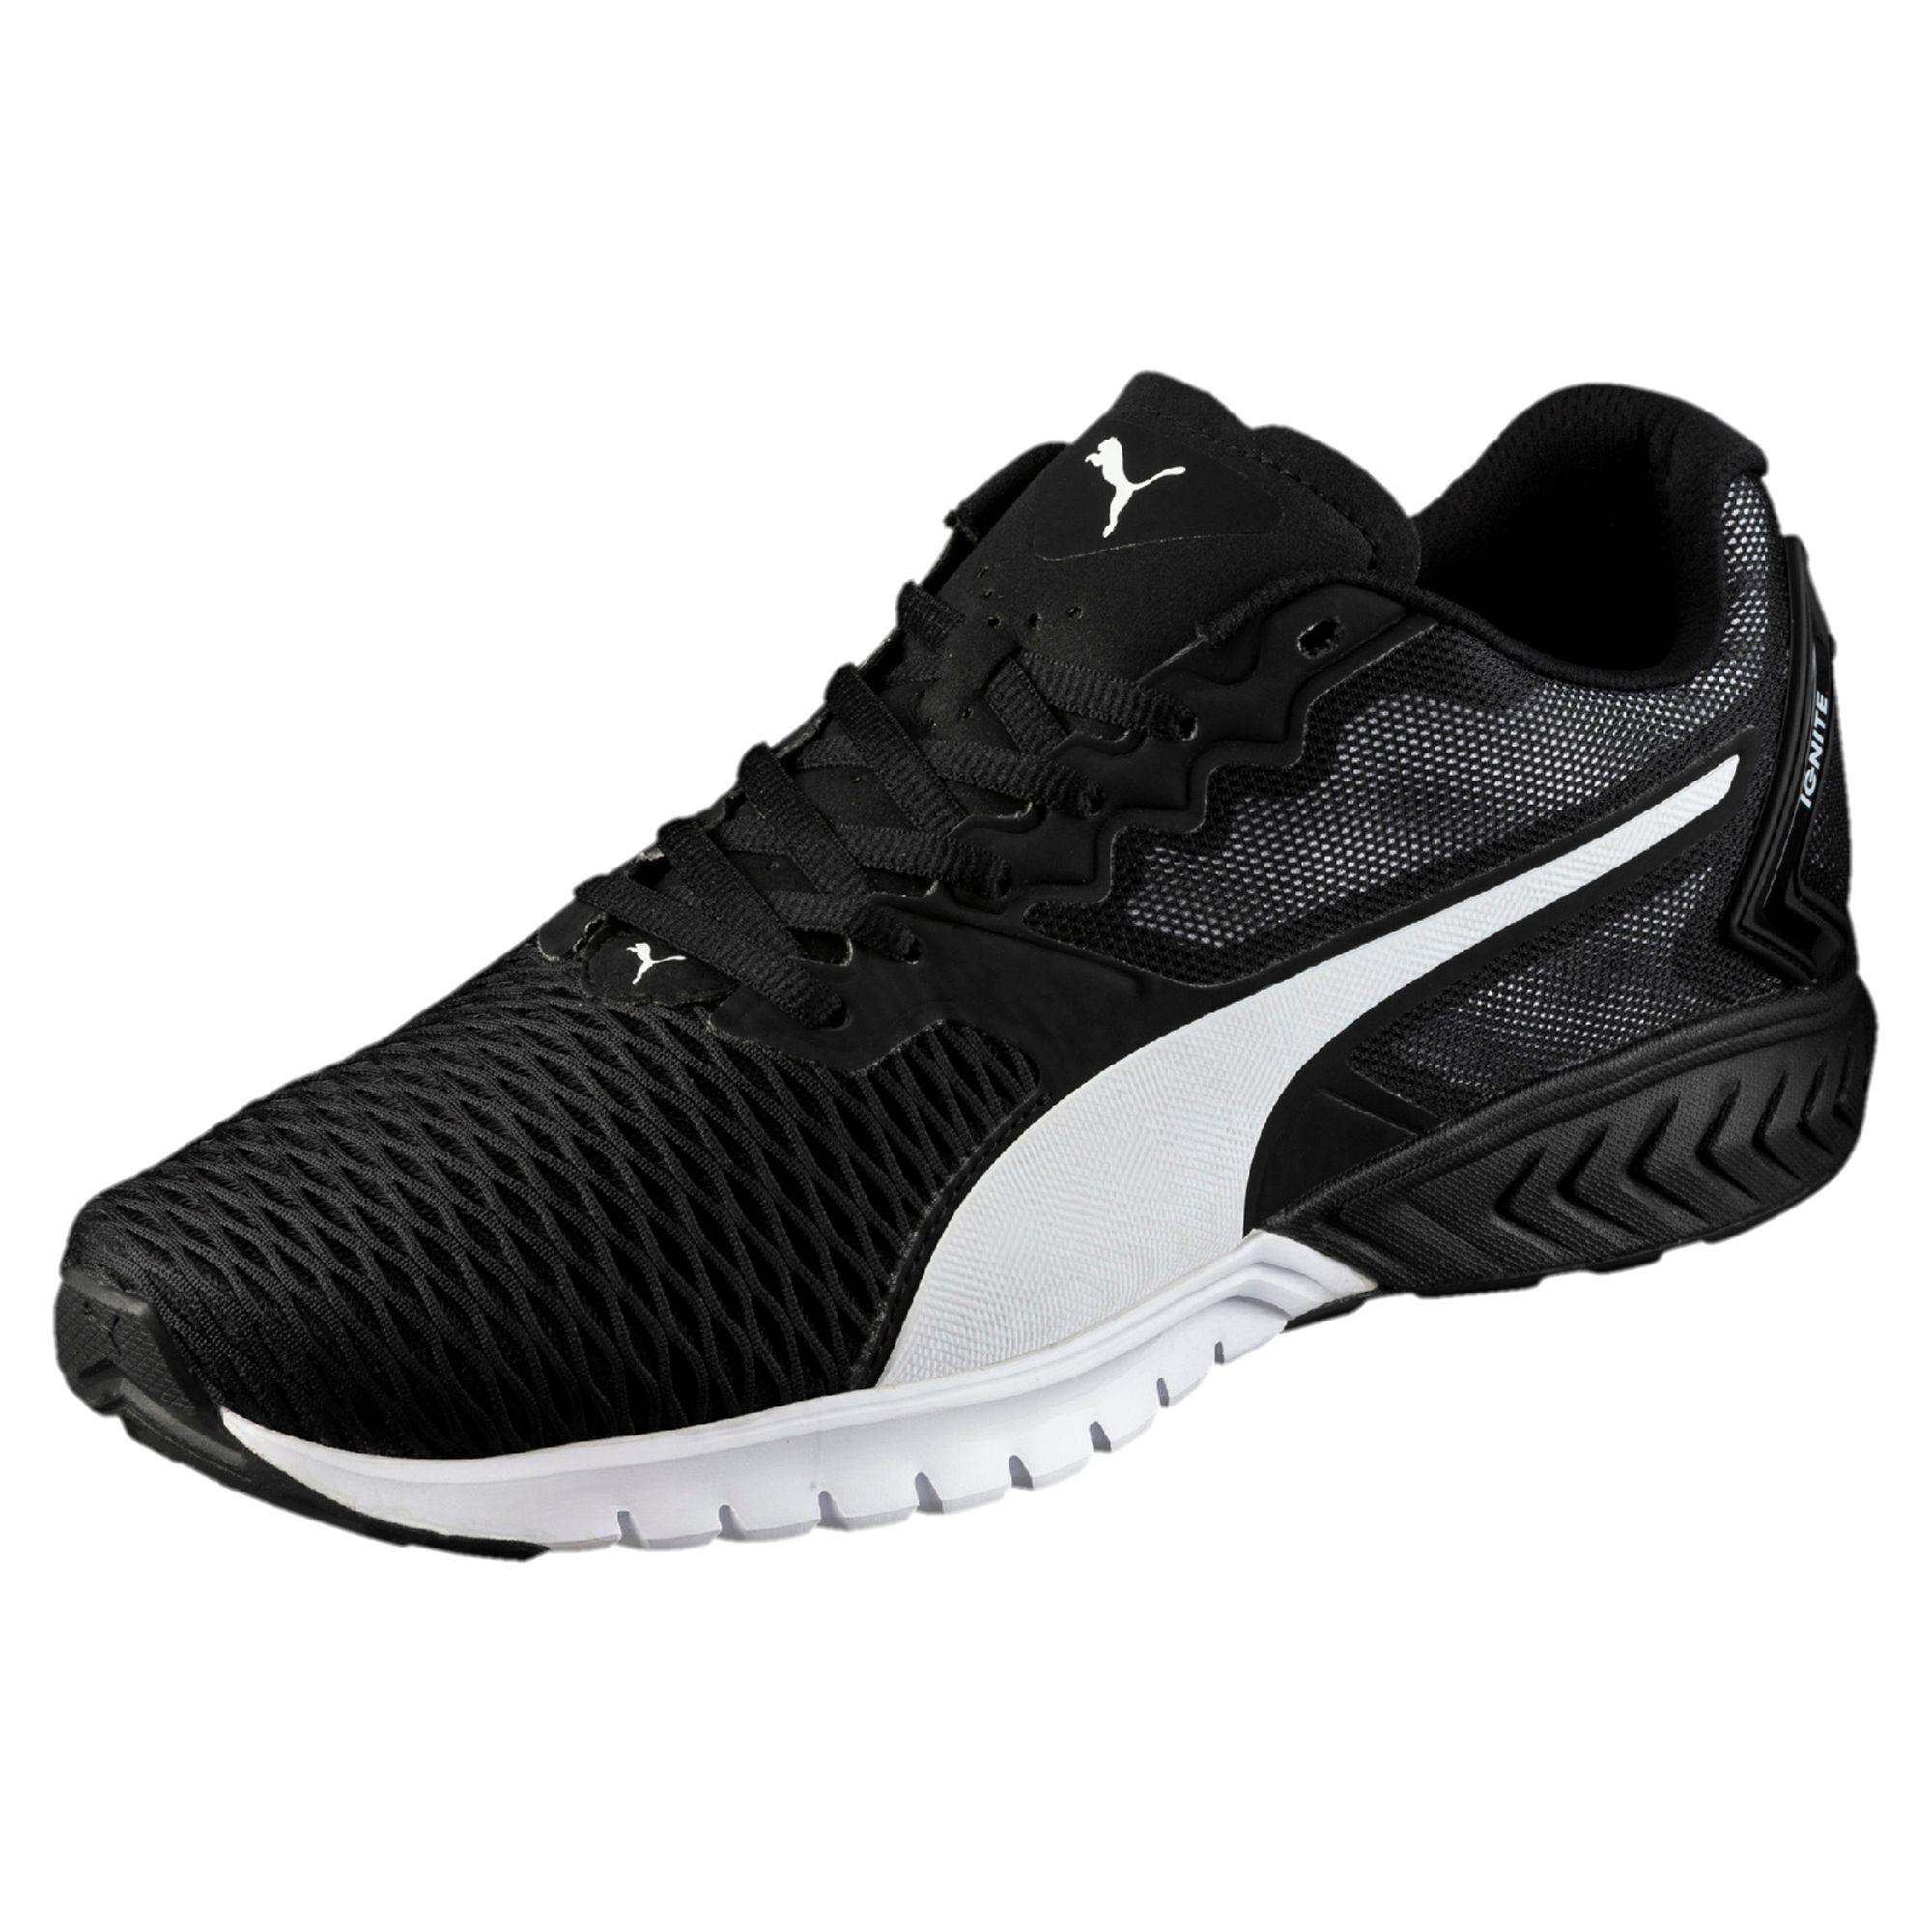 IGNITE Dual мужские кроссовки